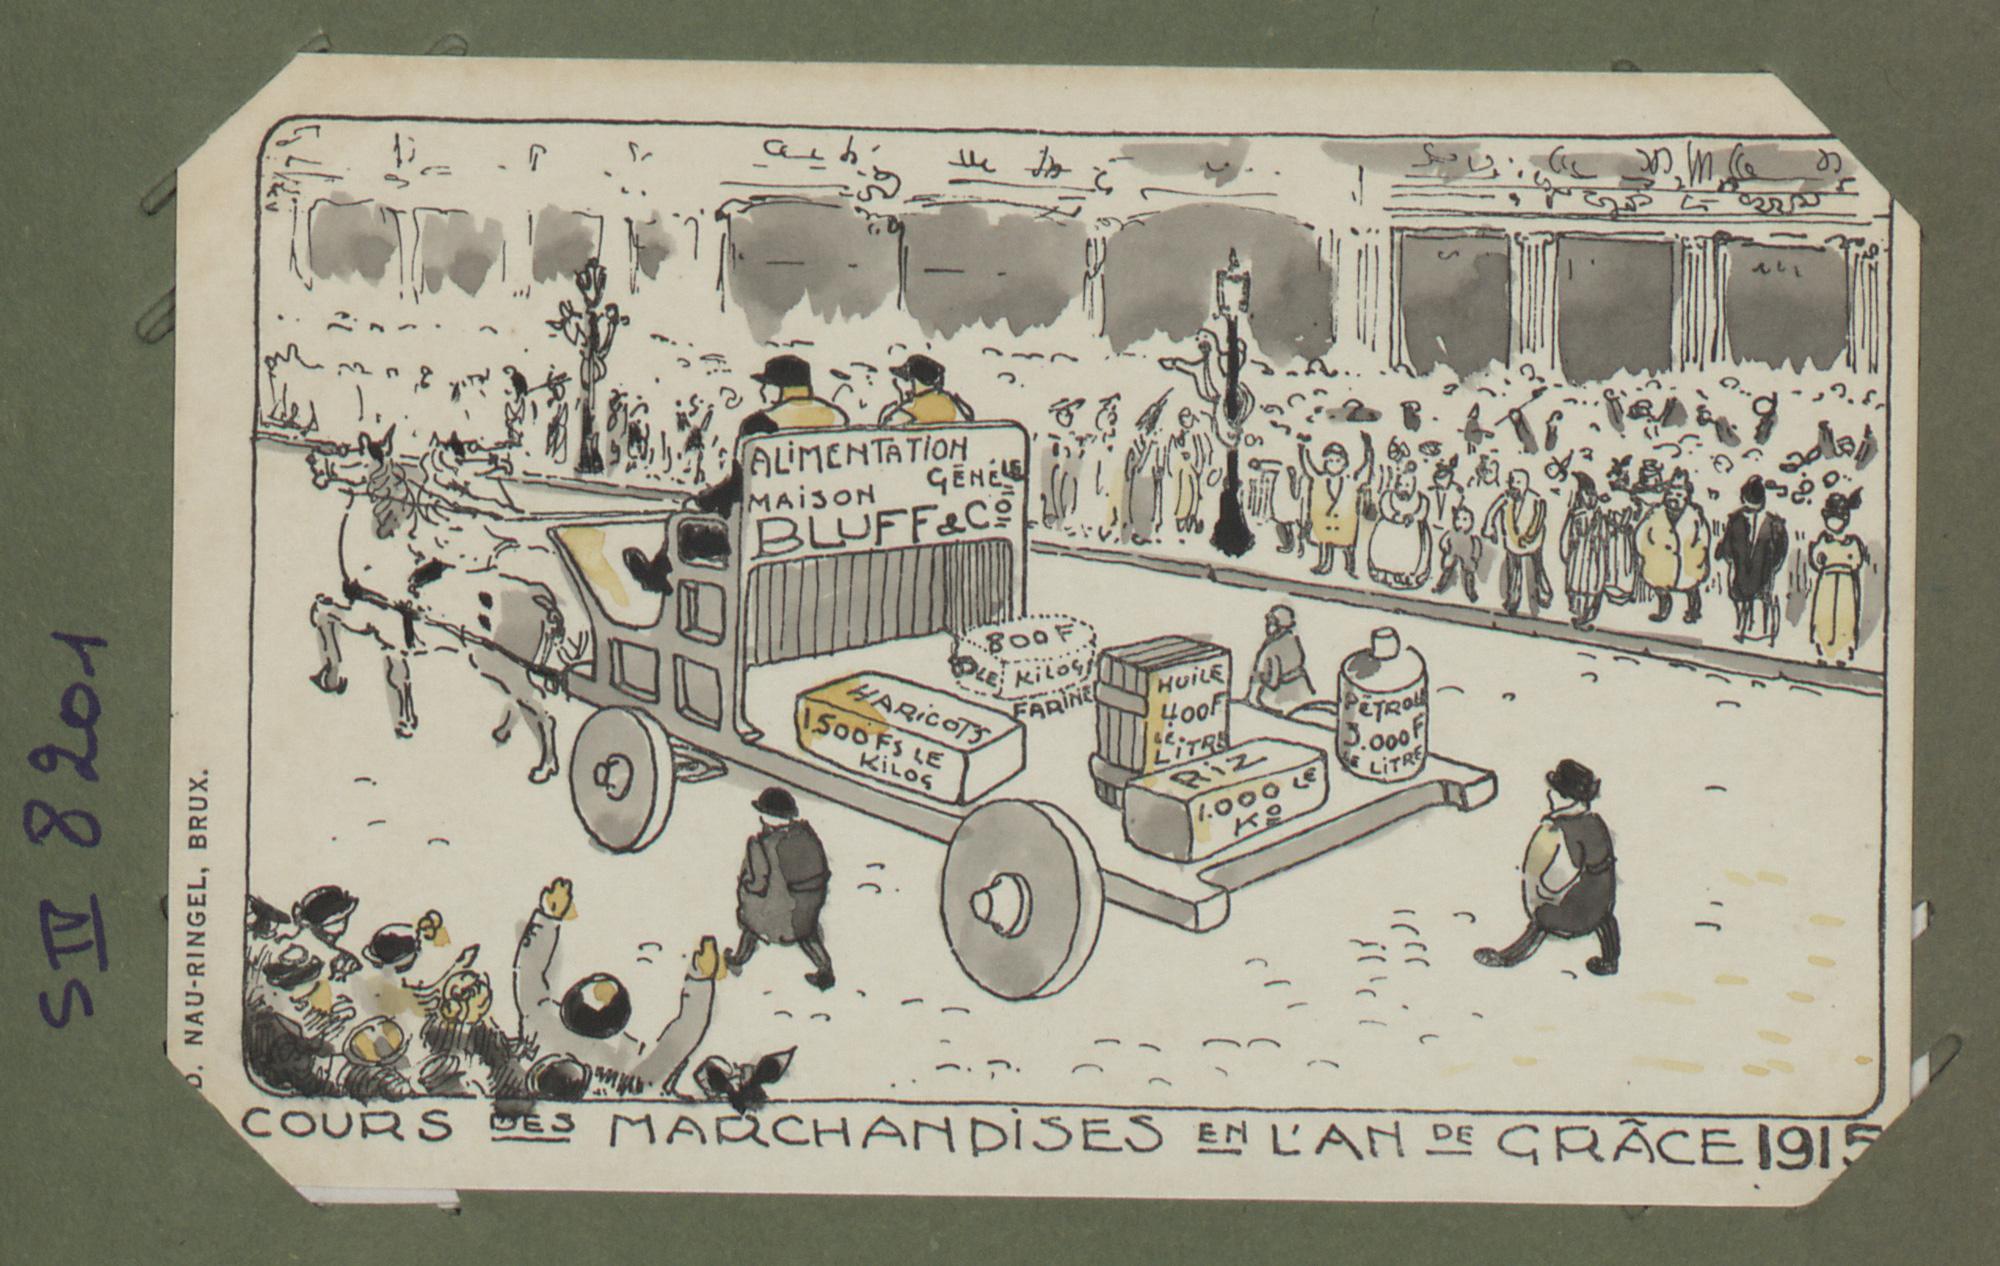 Cours des Marchandises en l'an de grâce 1915